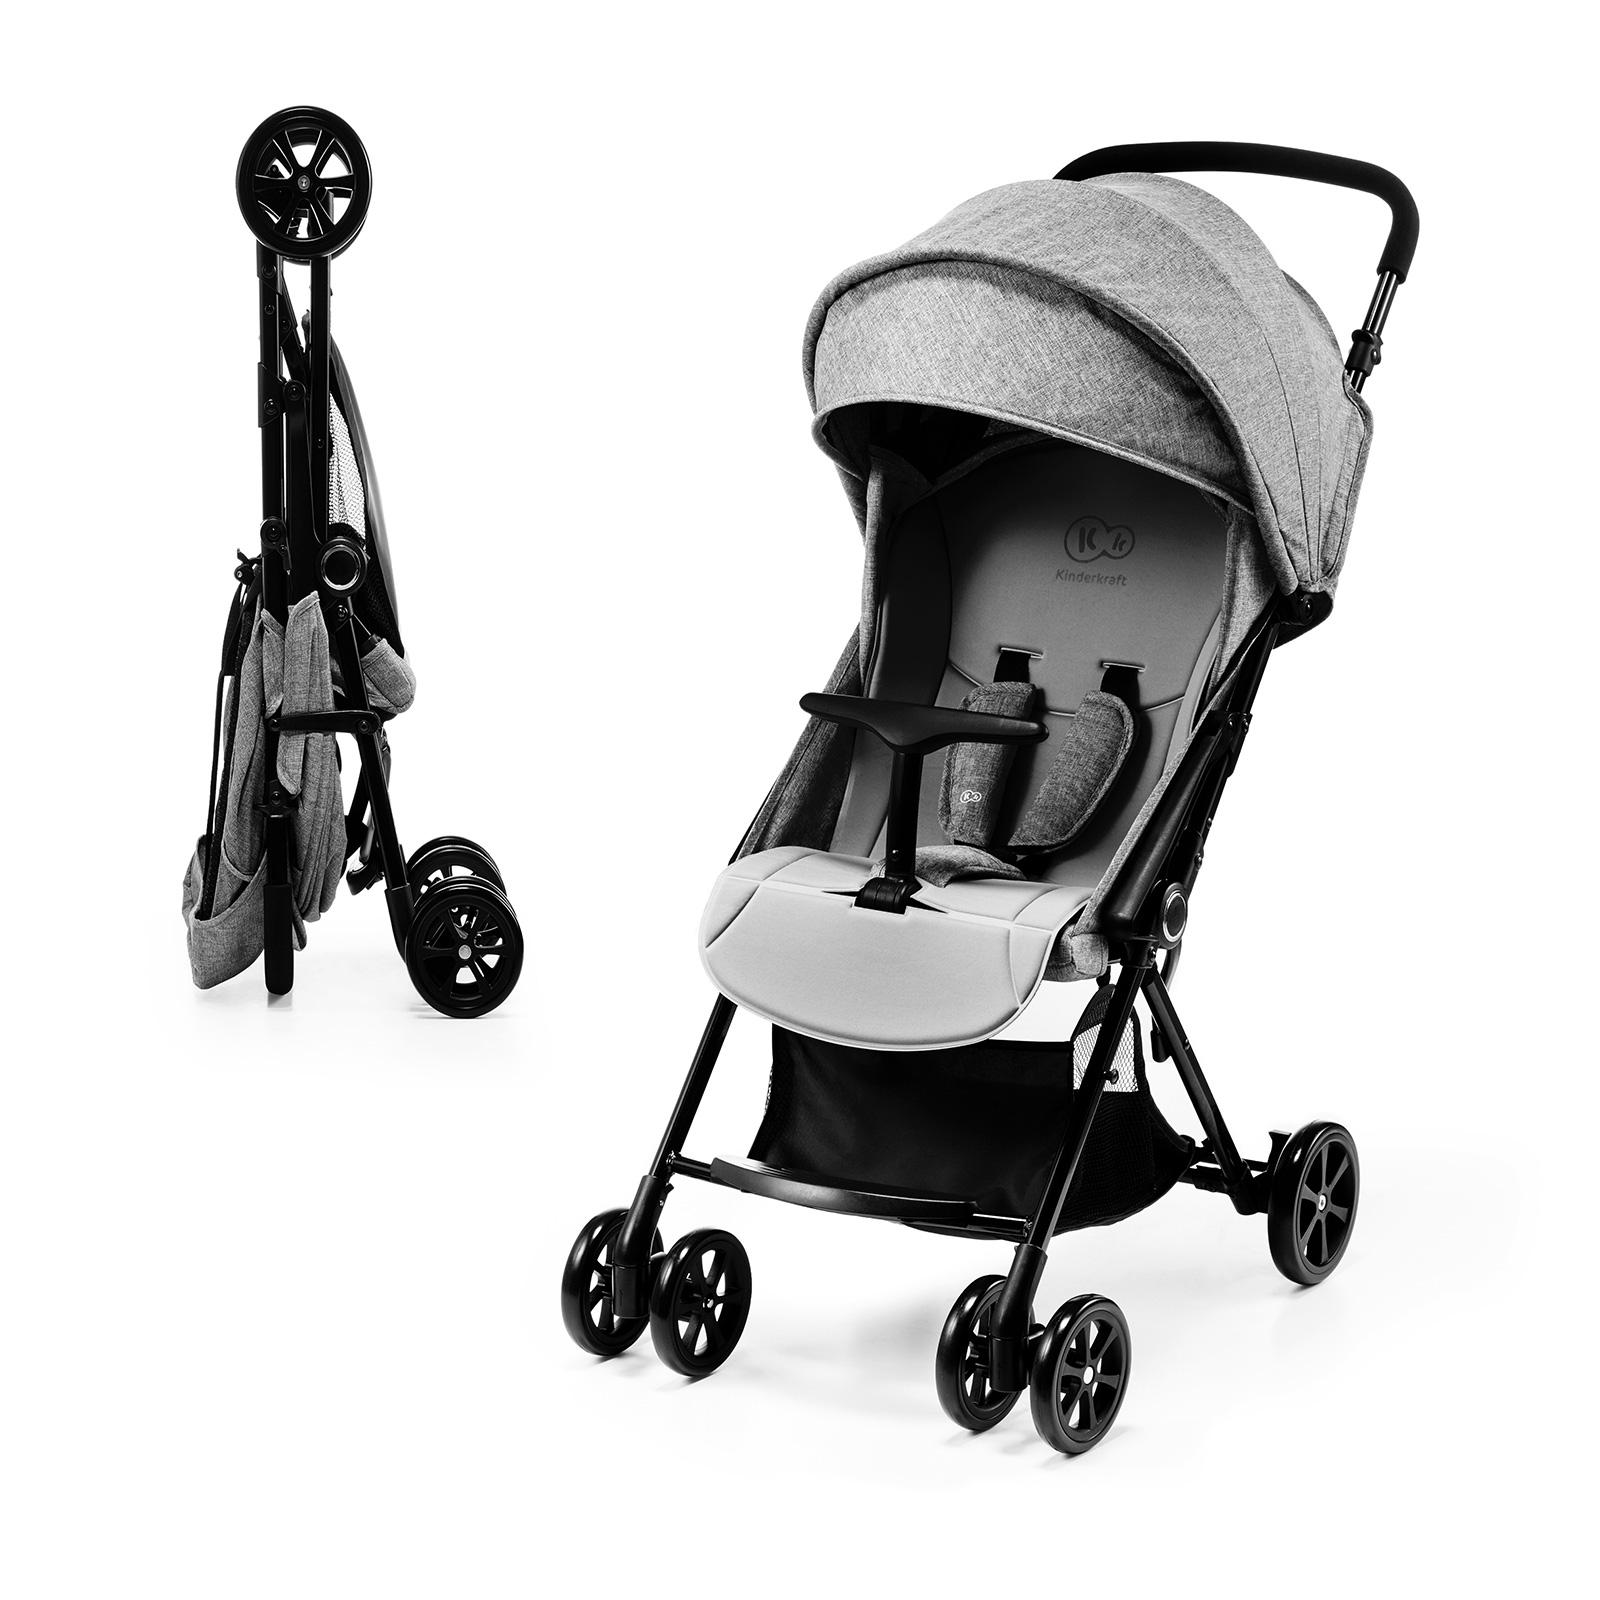 Stroller LITE UP - KKWLITUGRY0000 KKWLITUPNK0000